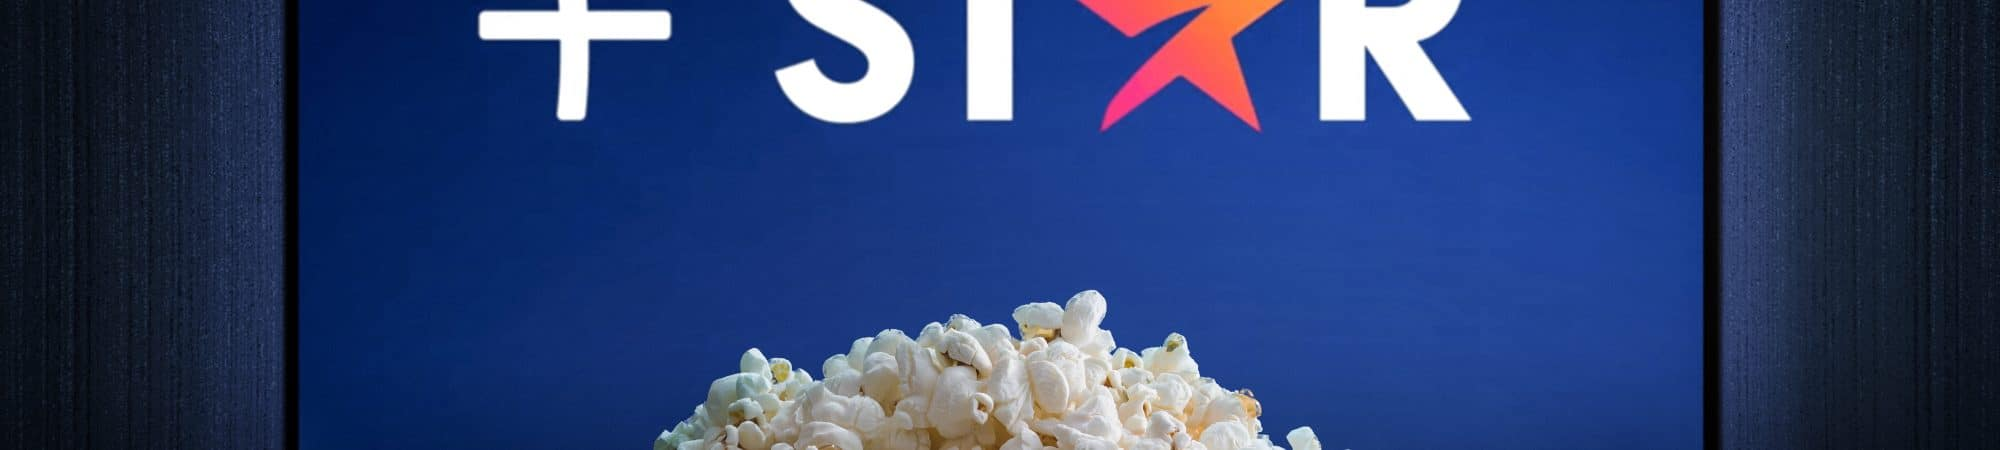 televisão com logo Star+ e balde de pipoca